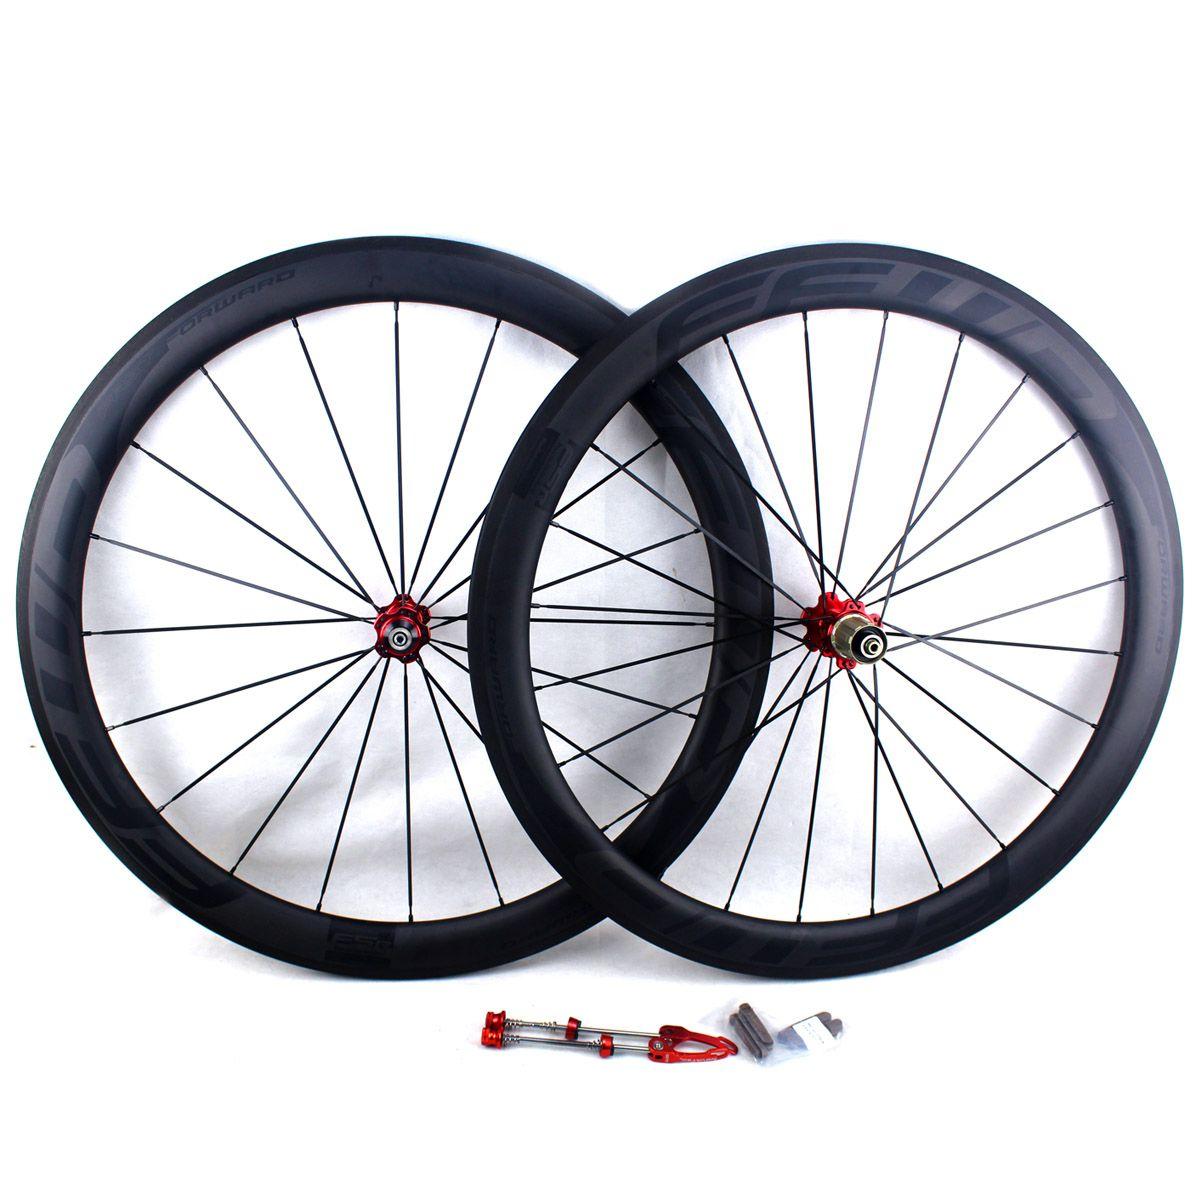 탄소 섬유 자전거 도로 바퀴 50mm FFWD F5R BOB 현무암 브레이크 표면 clincher 관 모양의 도로 자전거 경주 wheelset 테두리 폭 25mm UD 매트